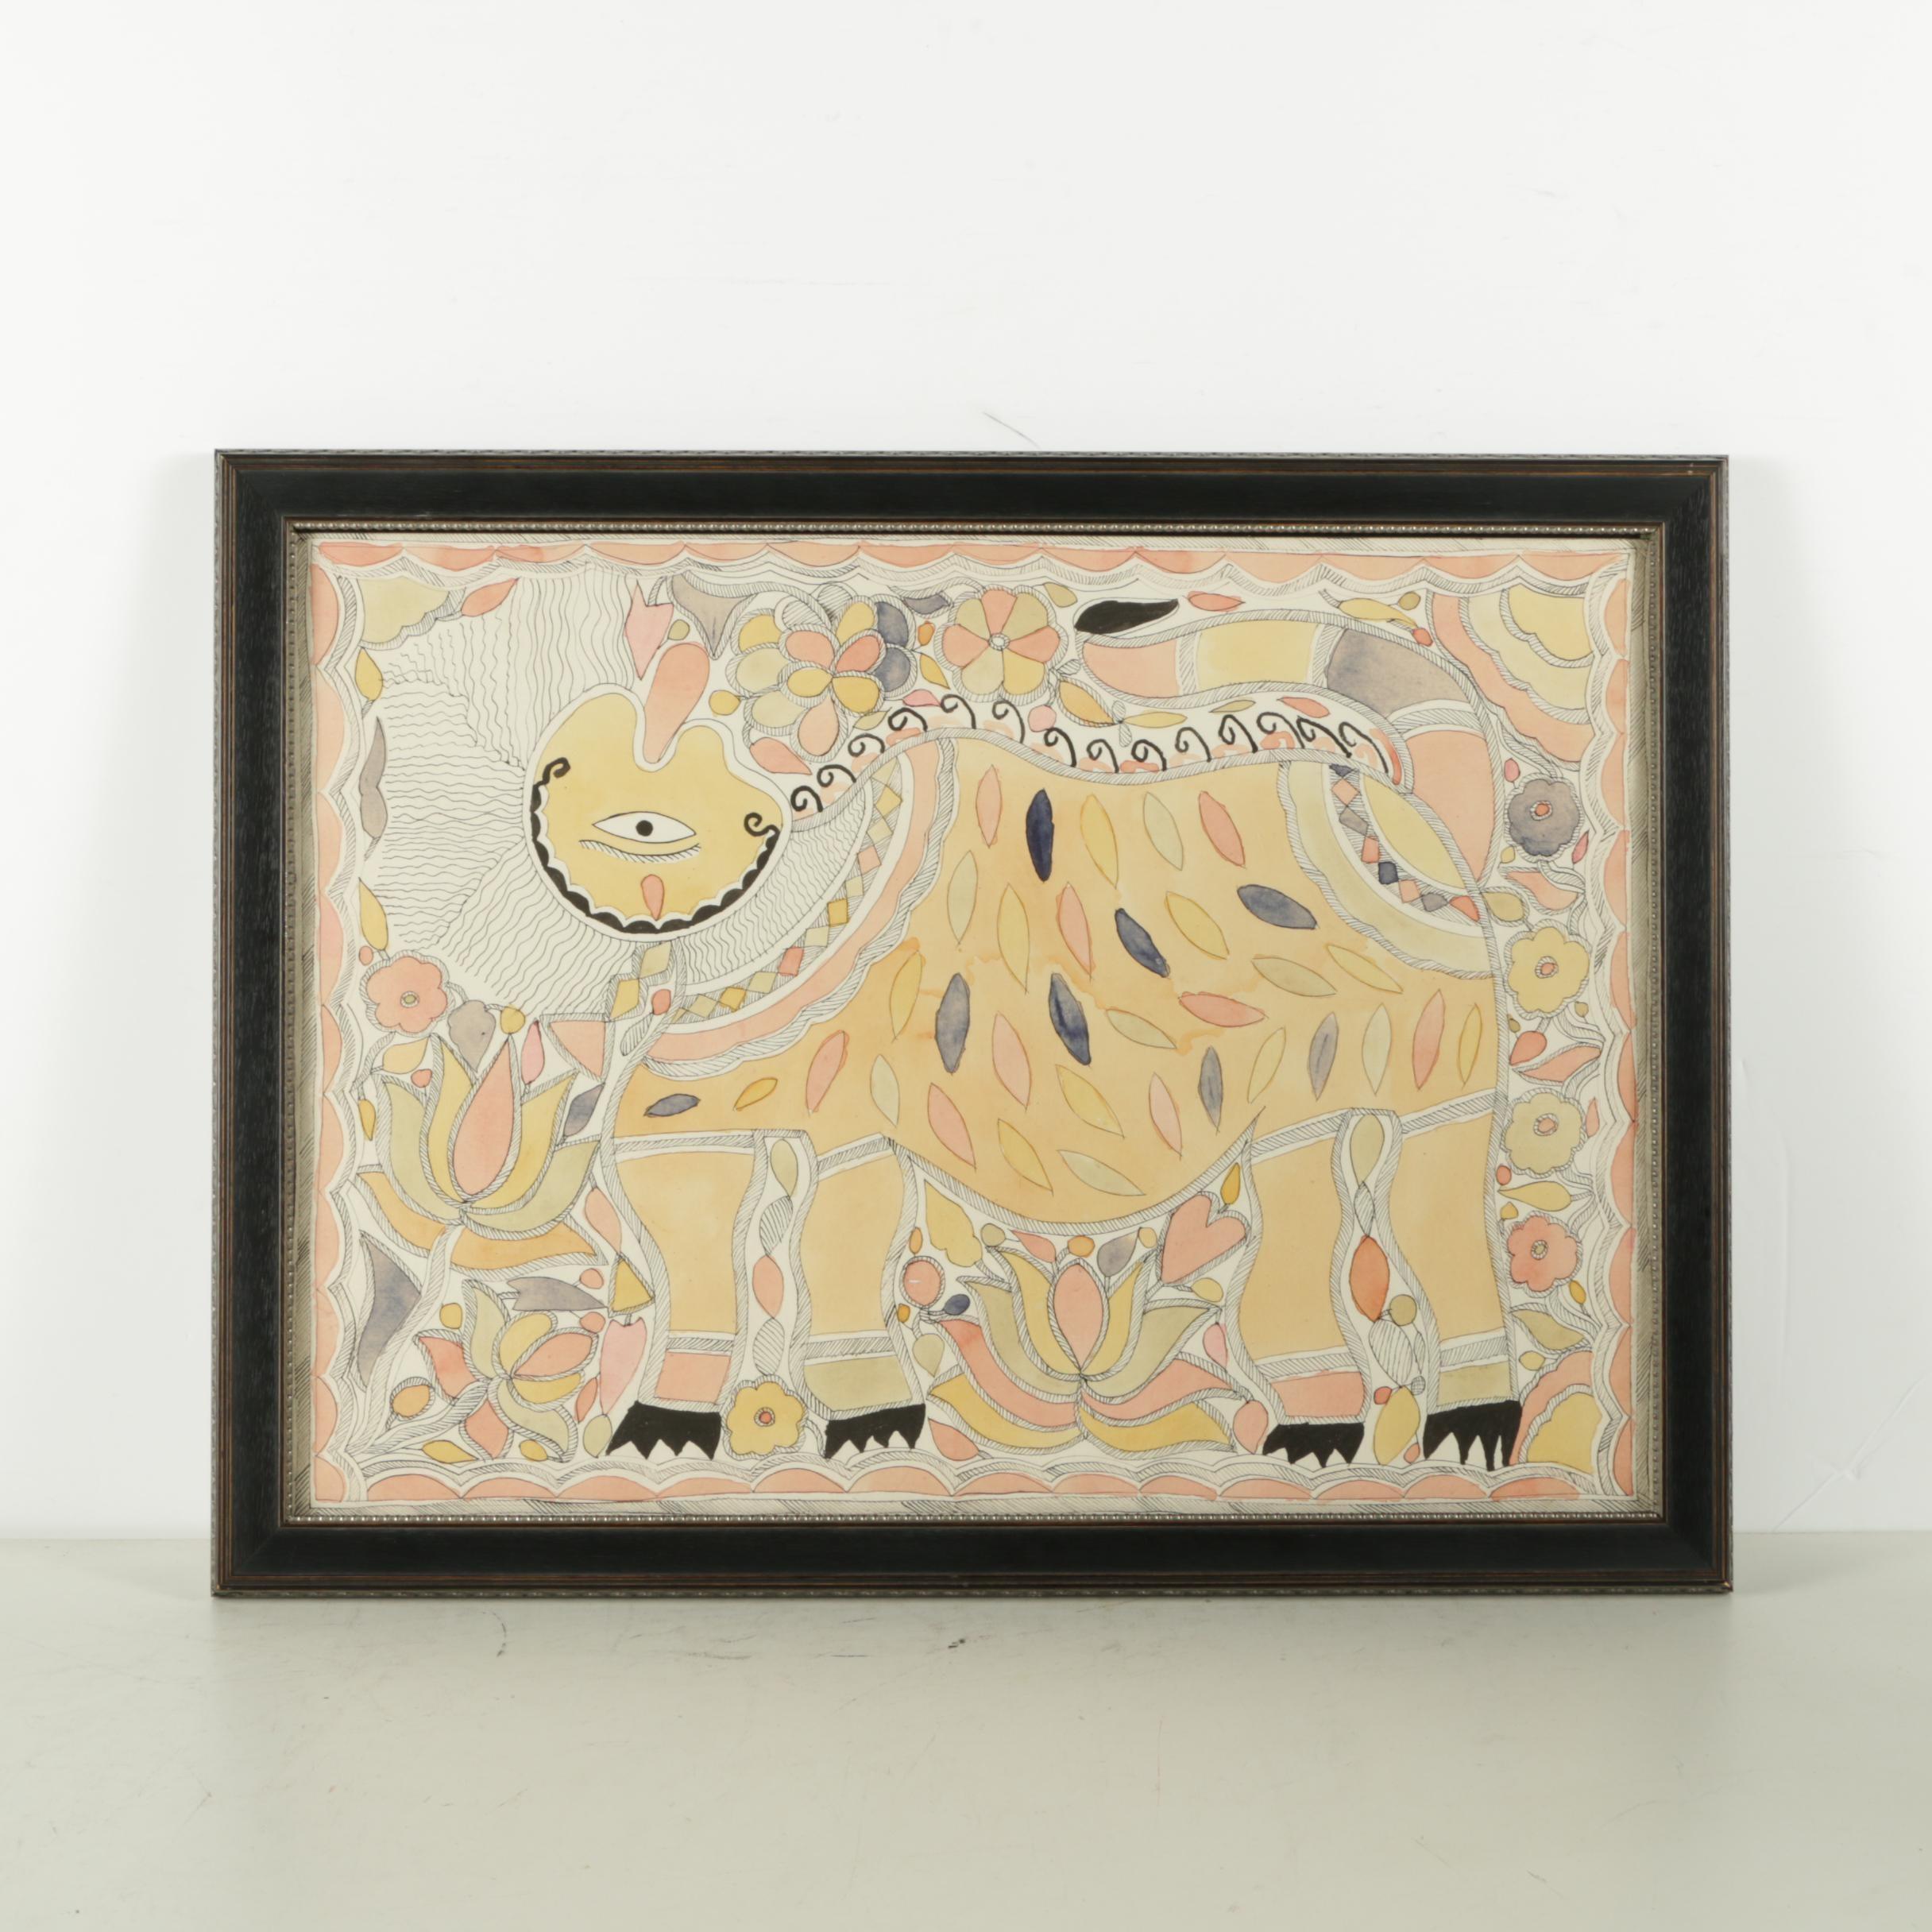 Madhubani Painting of a Lion